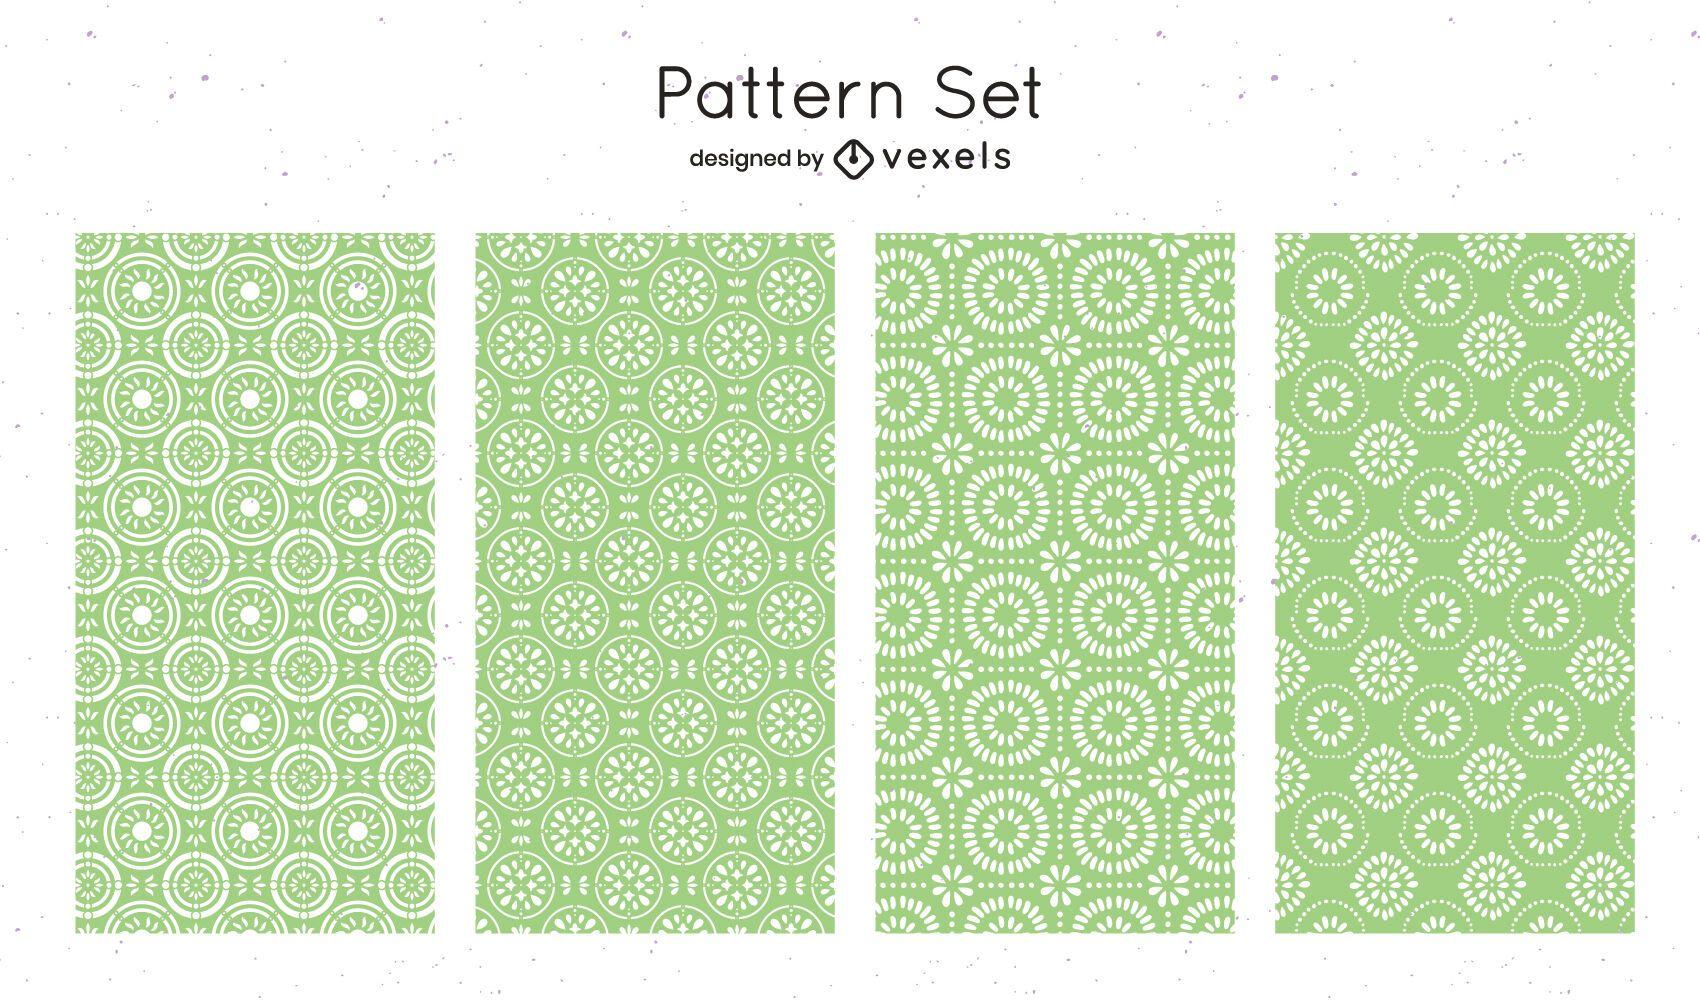 Diseño de patrón geométrico verde